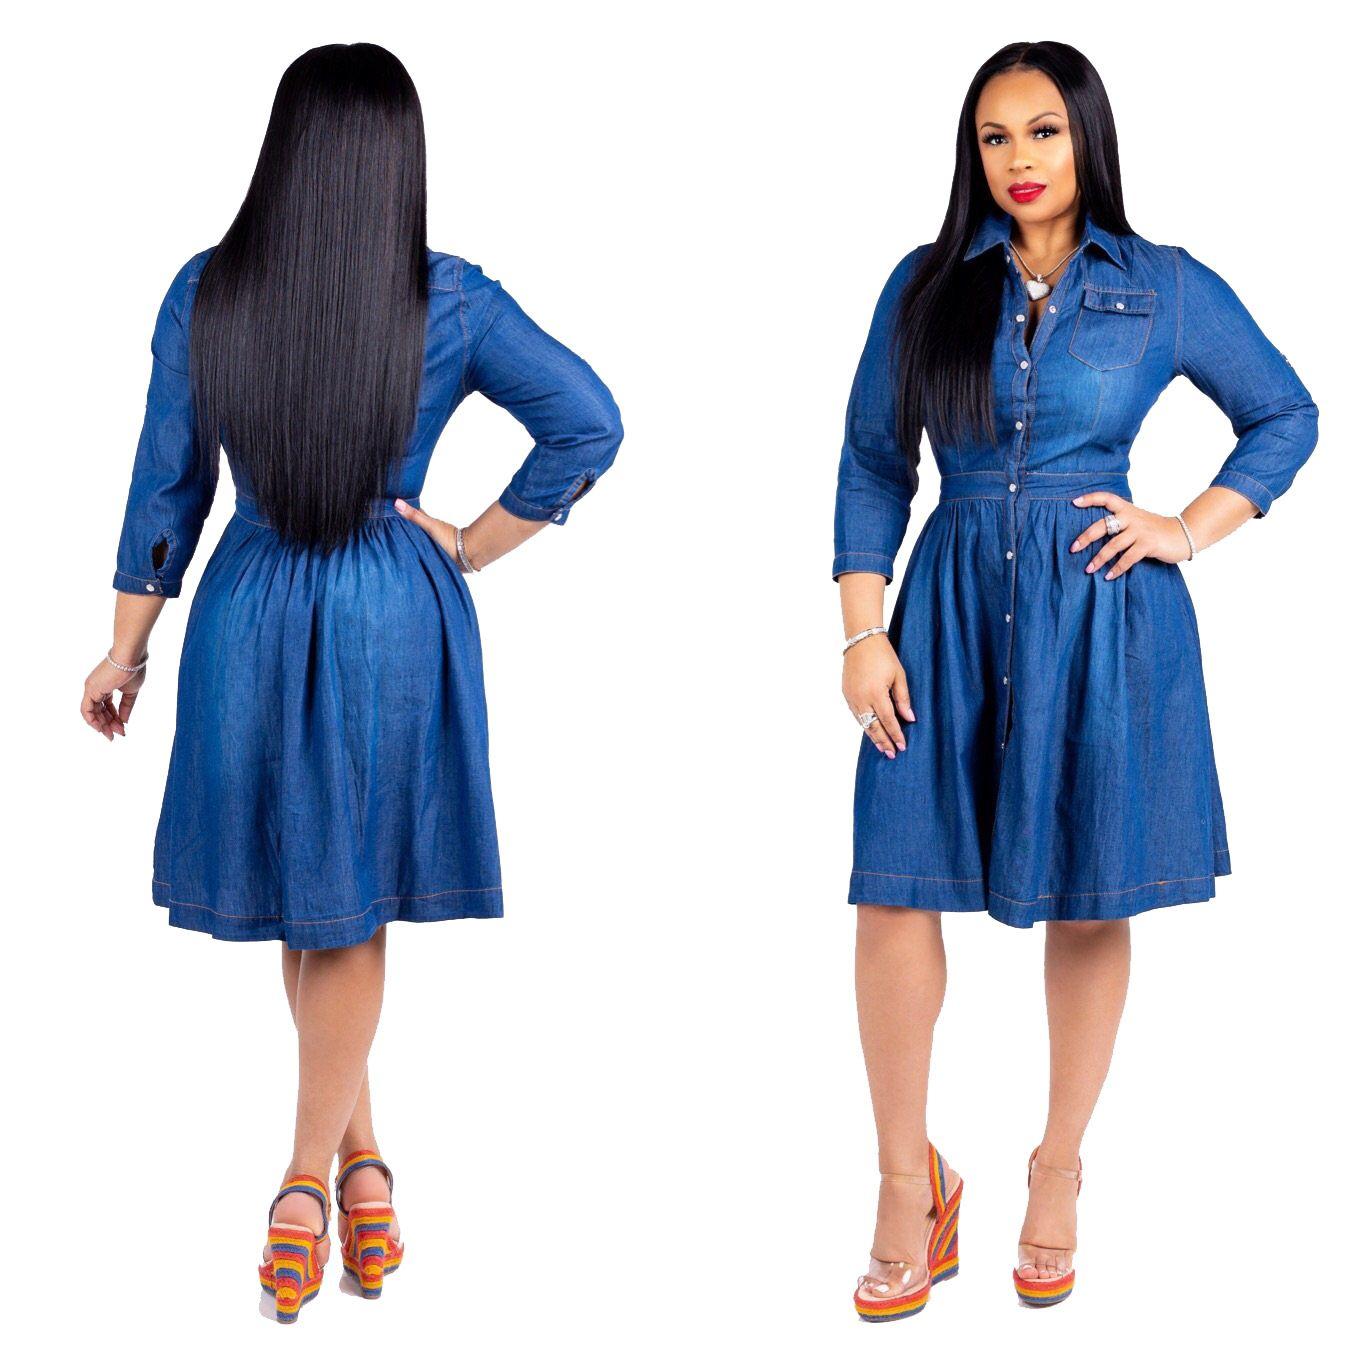 Großhandel Hot Fashion Plus Size Frauen Denim Kleider Lässig Umlegekragen  Knielangen Gefaltete Bodycon Damen Kleid Vestidos Von Cici18, 18,18 €